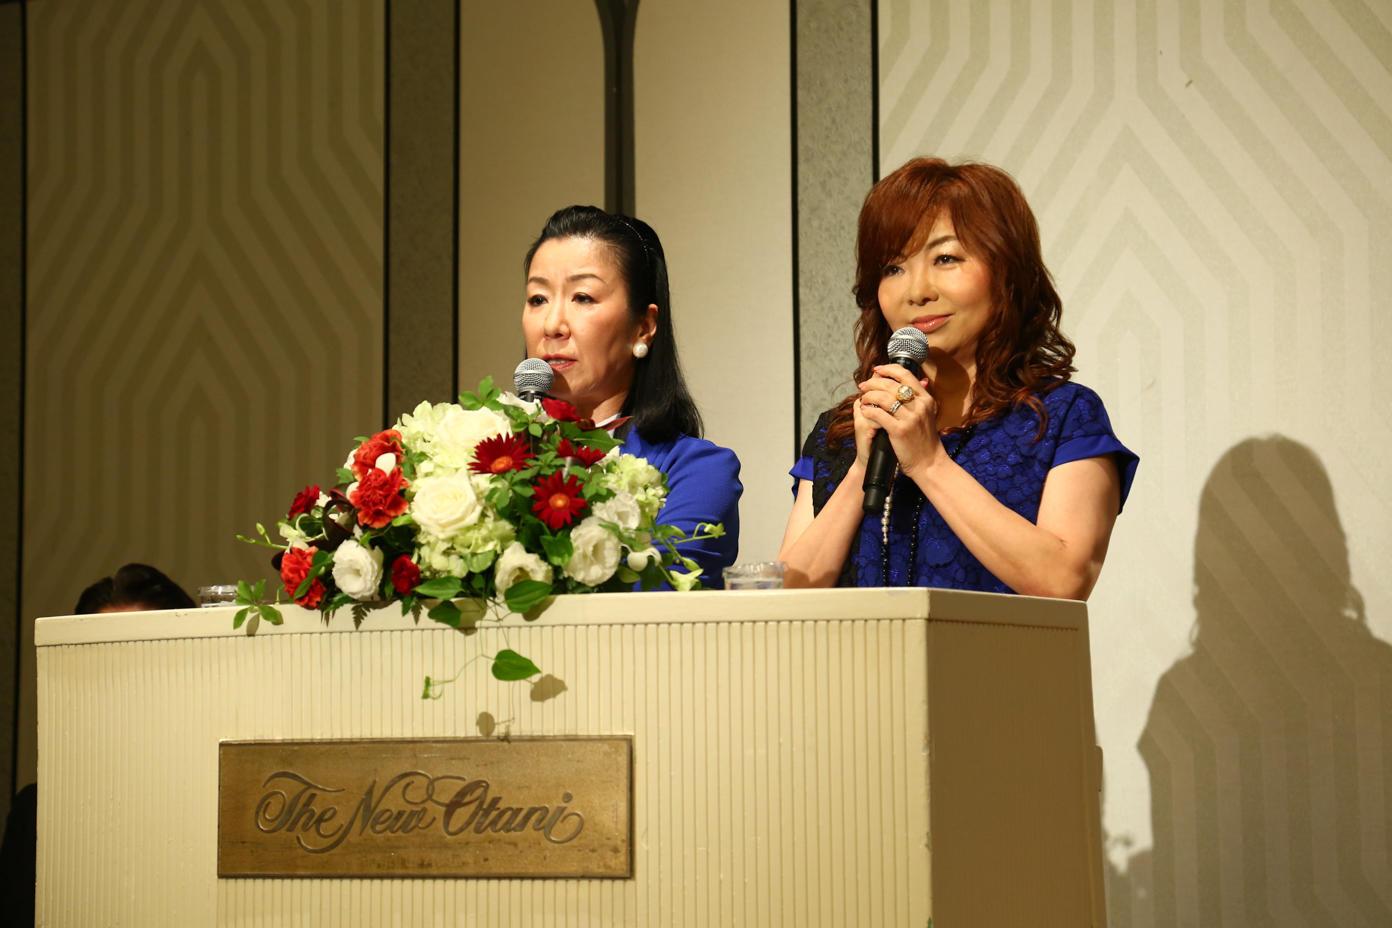 http://news.yoshimoto.co.jp/20180705192358-4dbe0b74702aff2bcdabbb42c3525f2de0c160bb.jpg